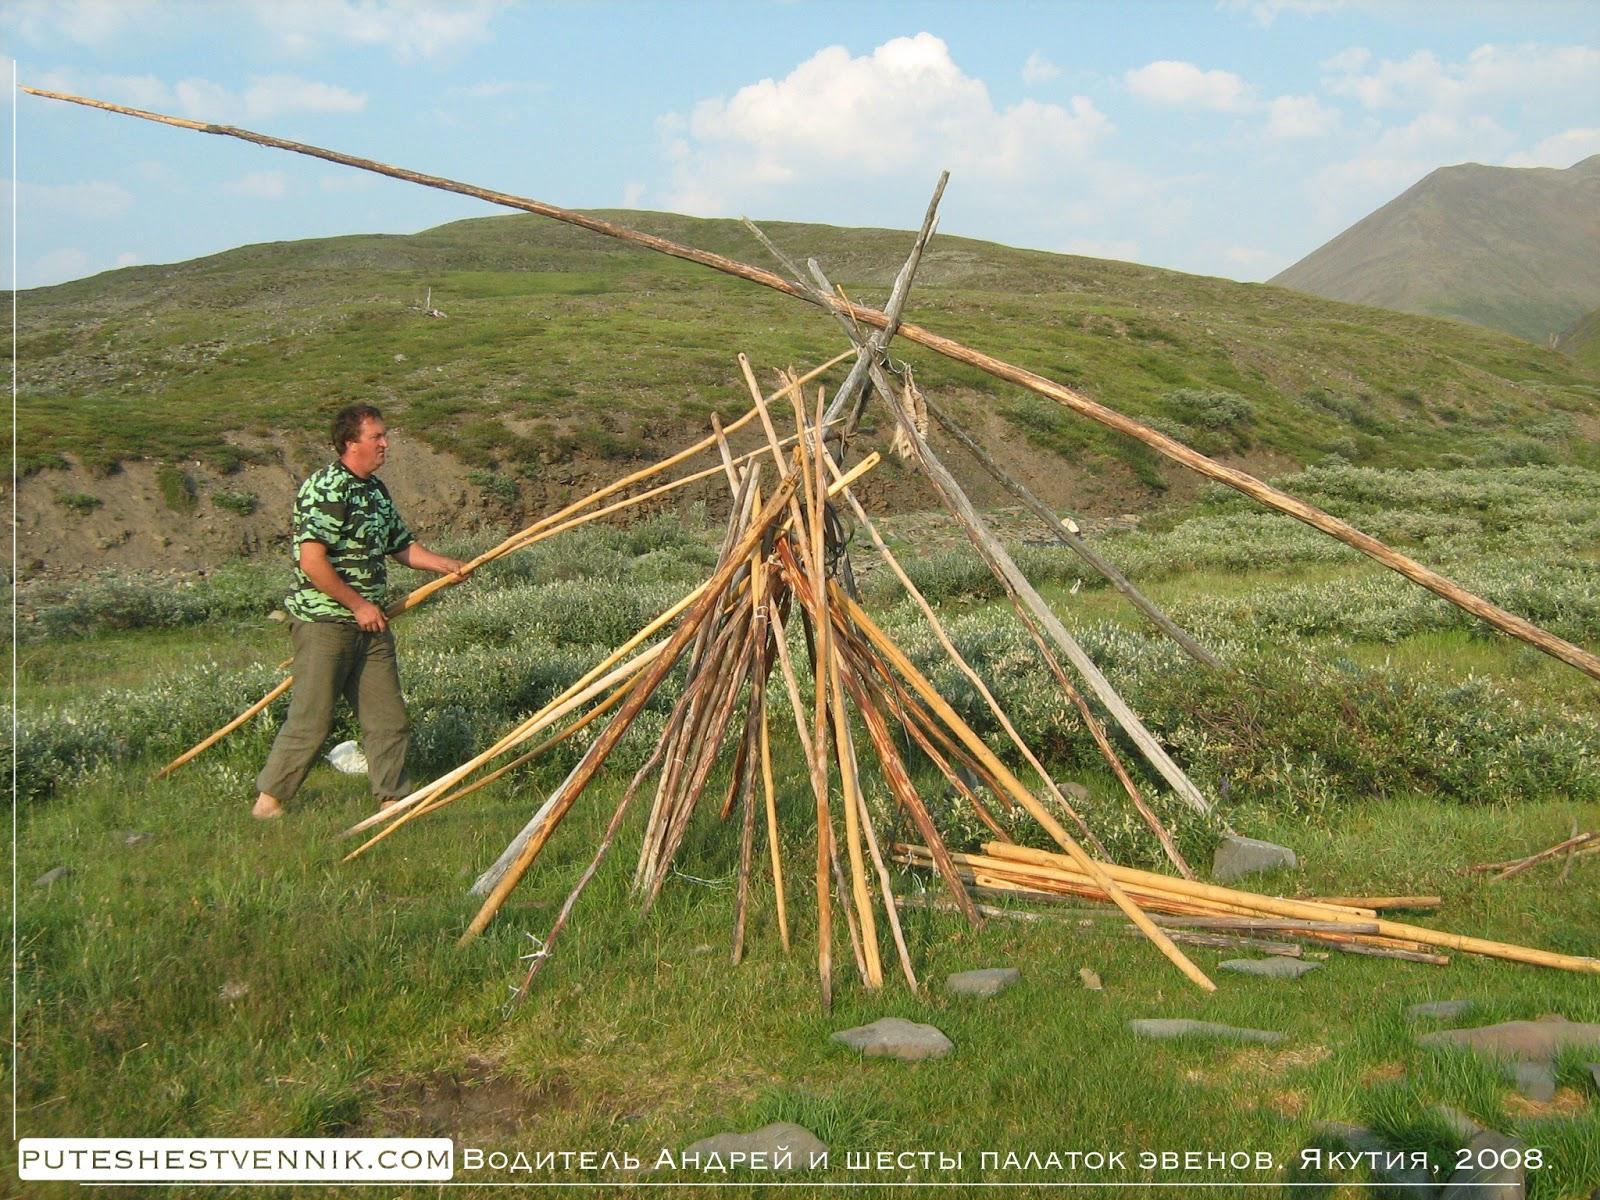 Шесты палаток эвенов